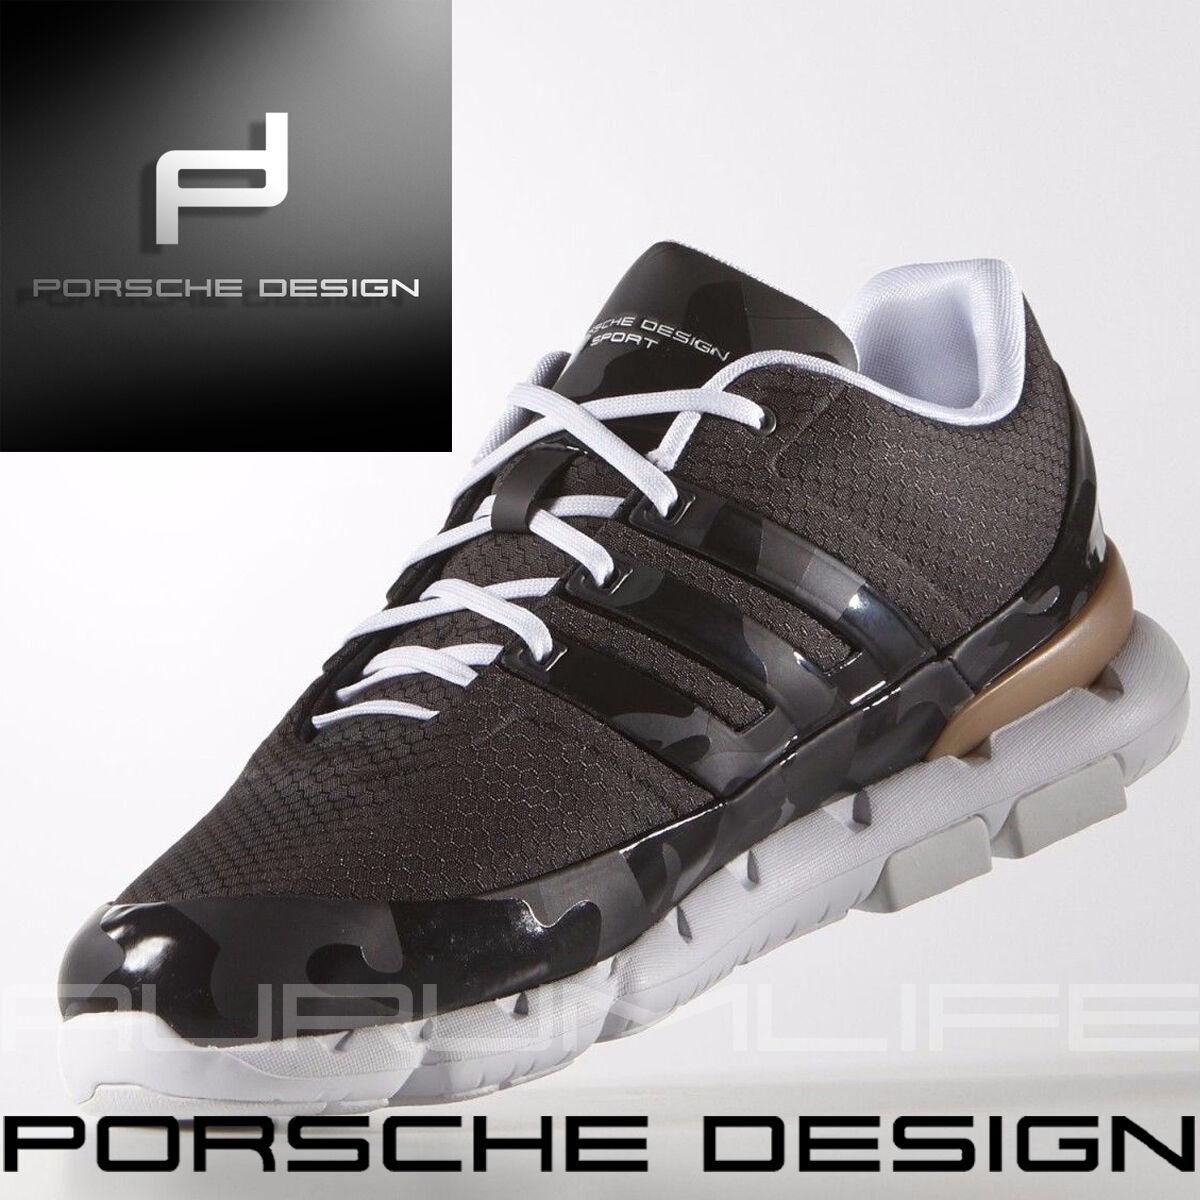 Adidas porsche design Uomo rimbalzare fare scarpe da ginnastica rimbalzare Uomo originali dimensioni noi 11,5 10.5 9 f8b48f